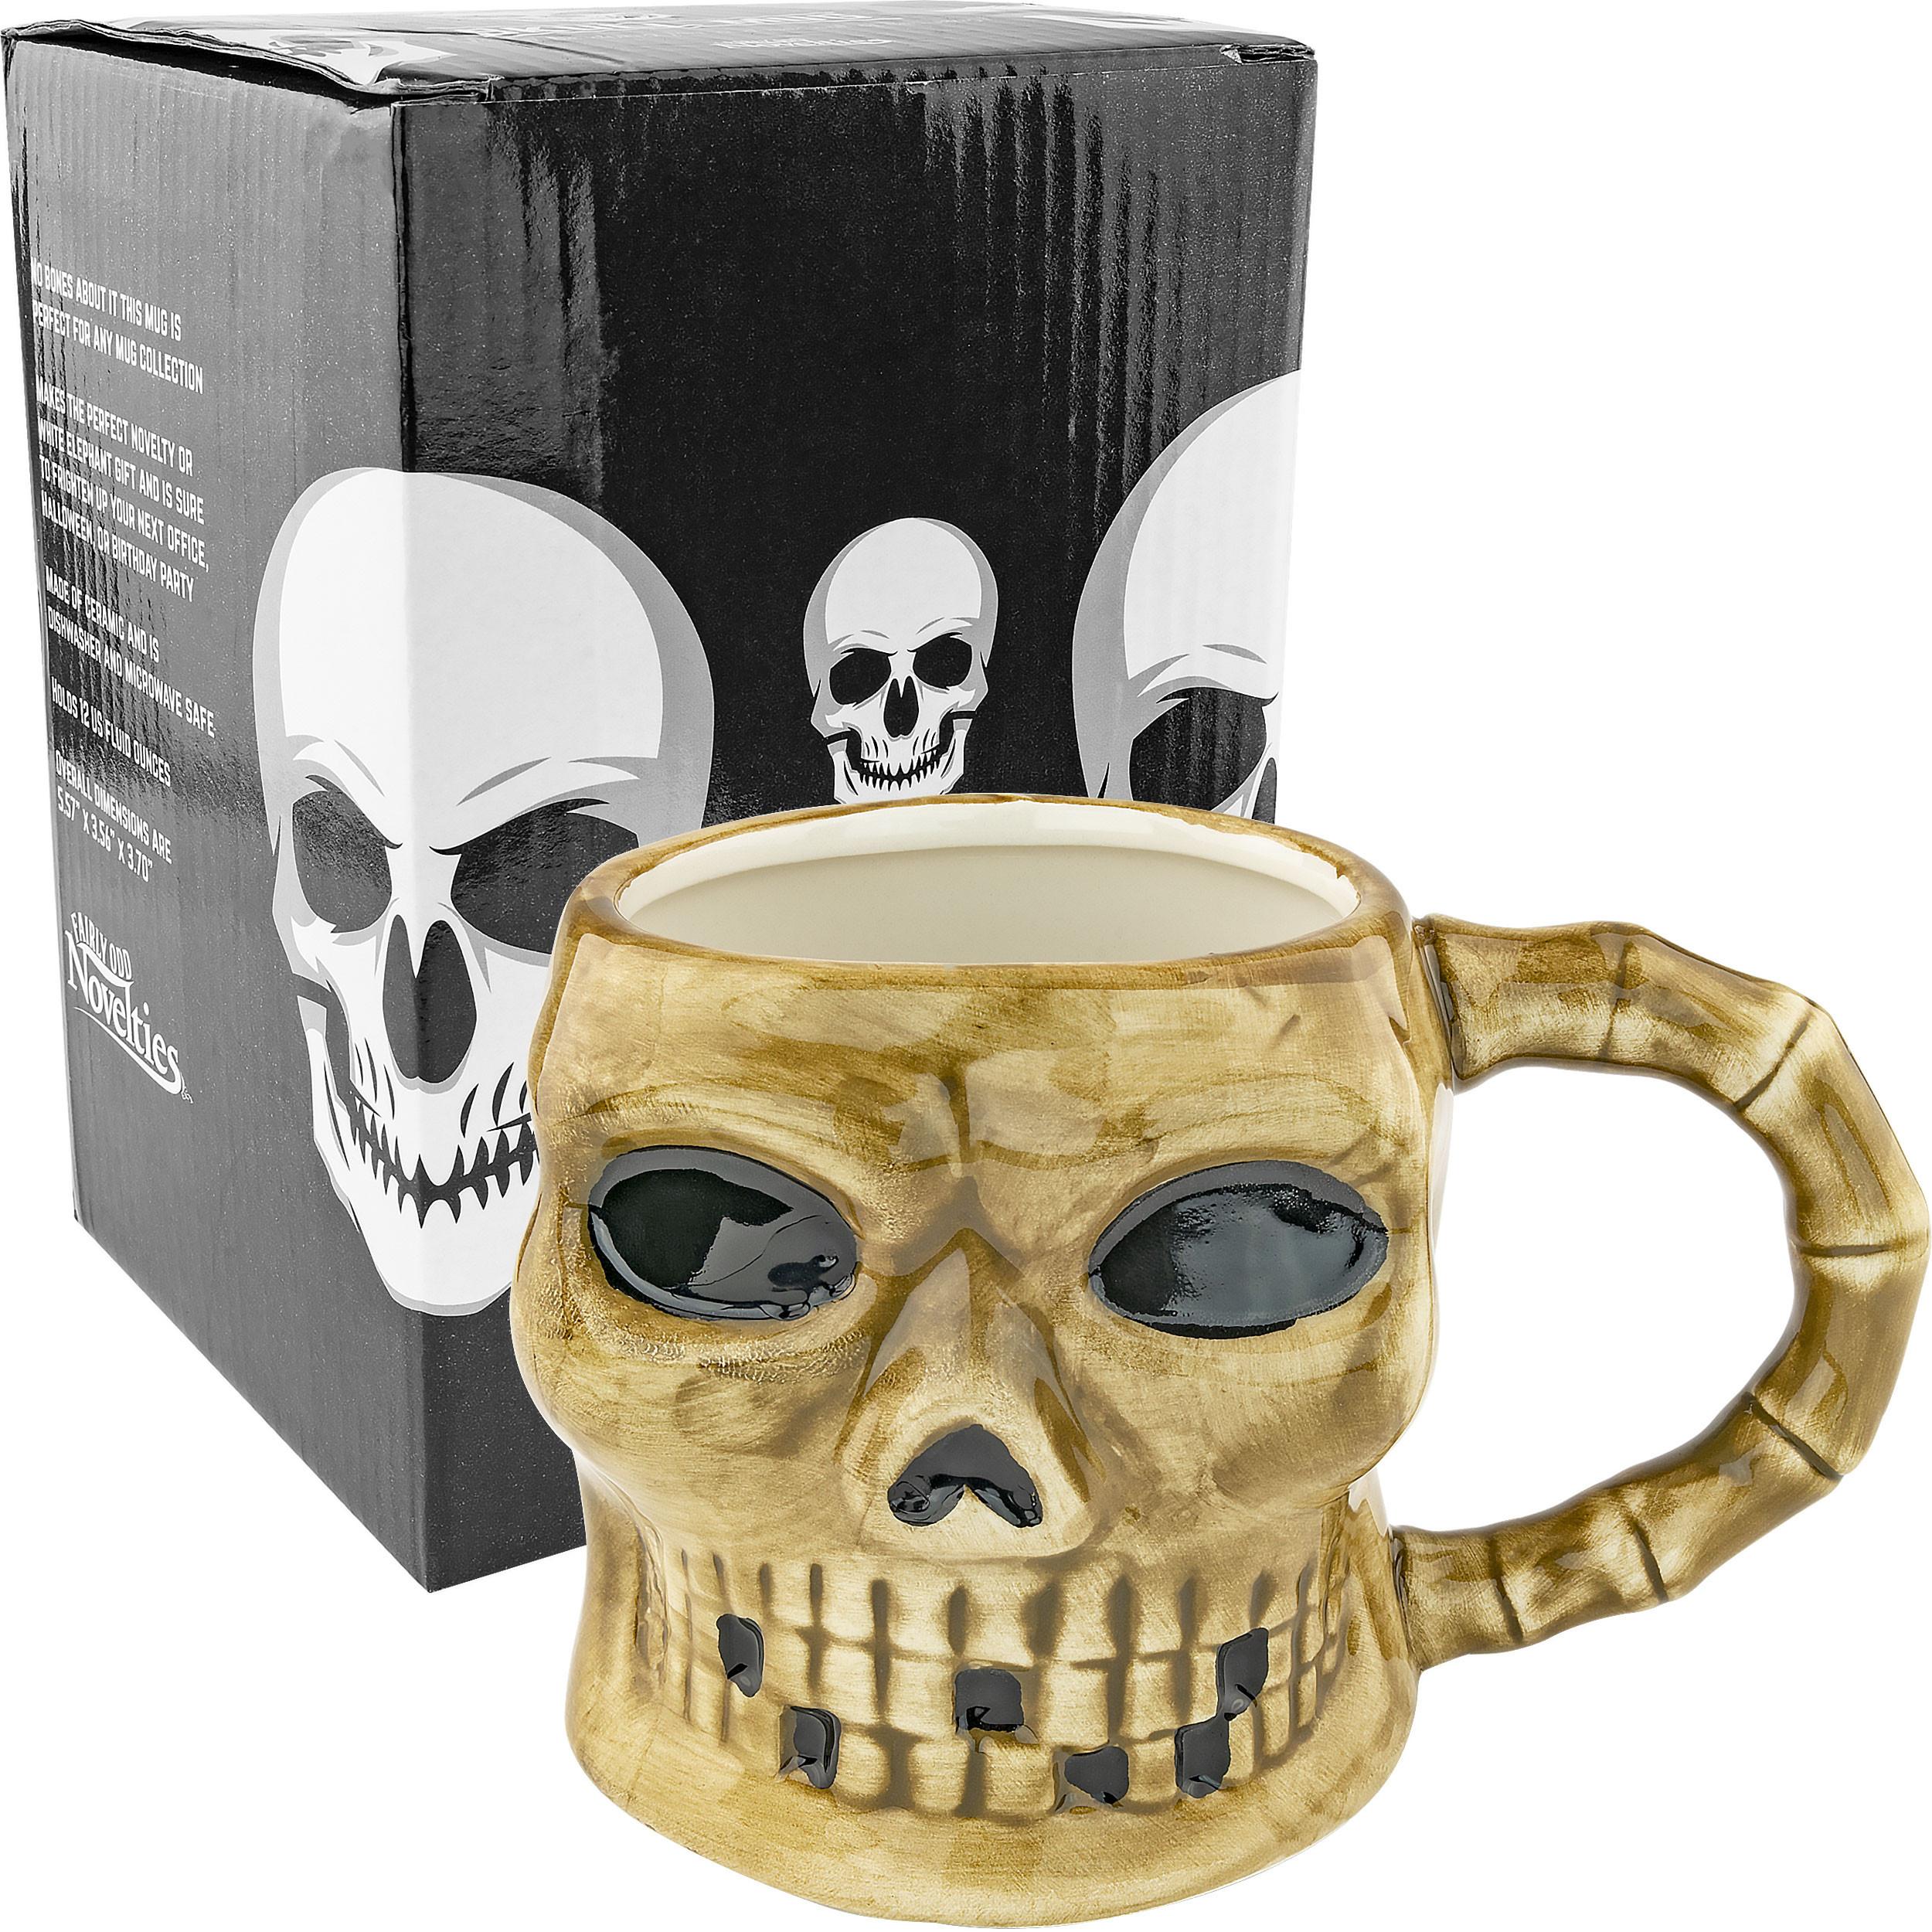 Large Skull Ceramic Coffee Mug